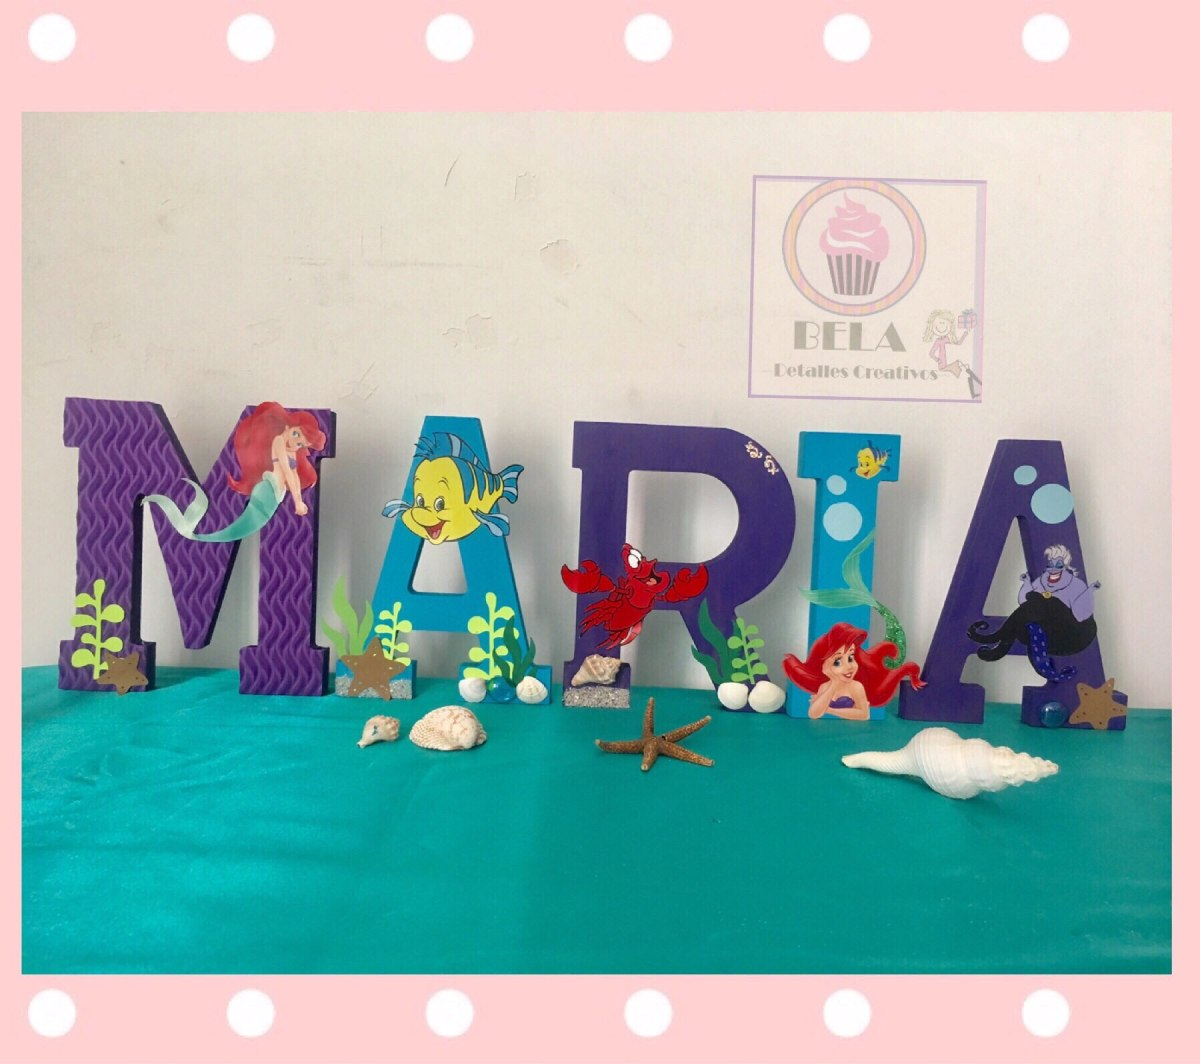 Mesa de dulces decoracion de letras en - Decoracion de letras ...